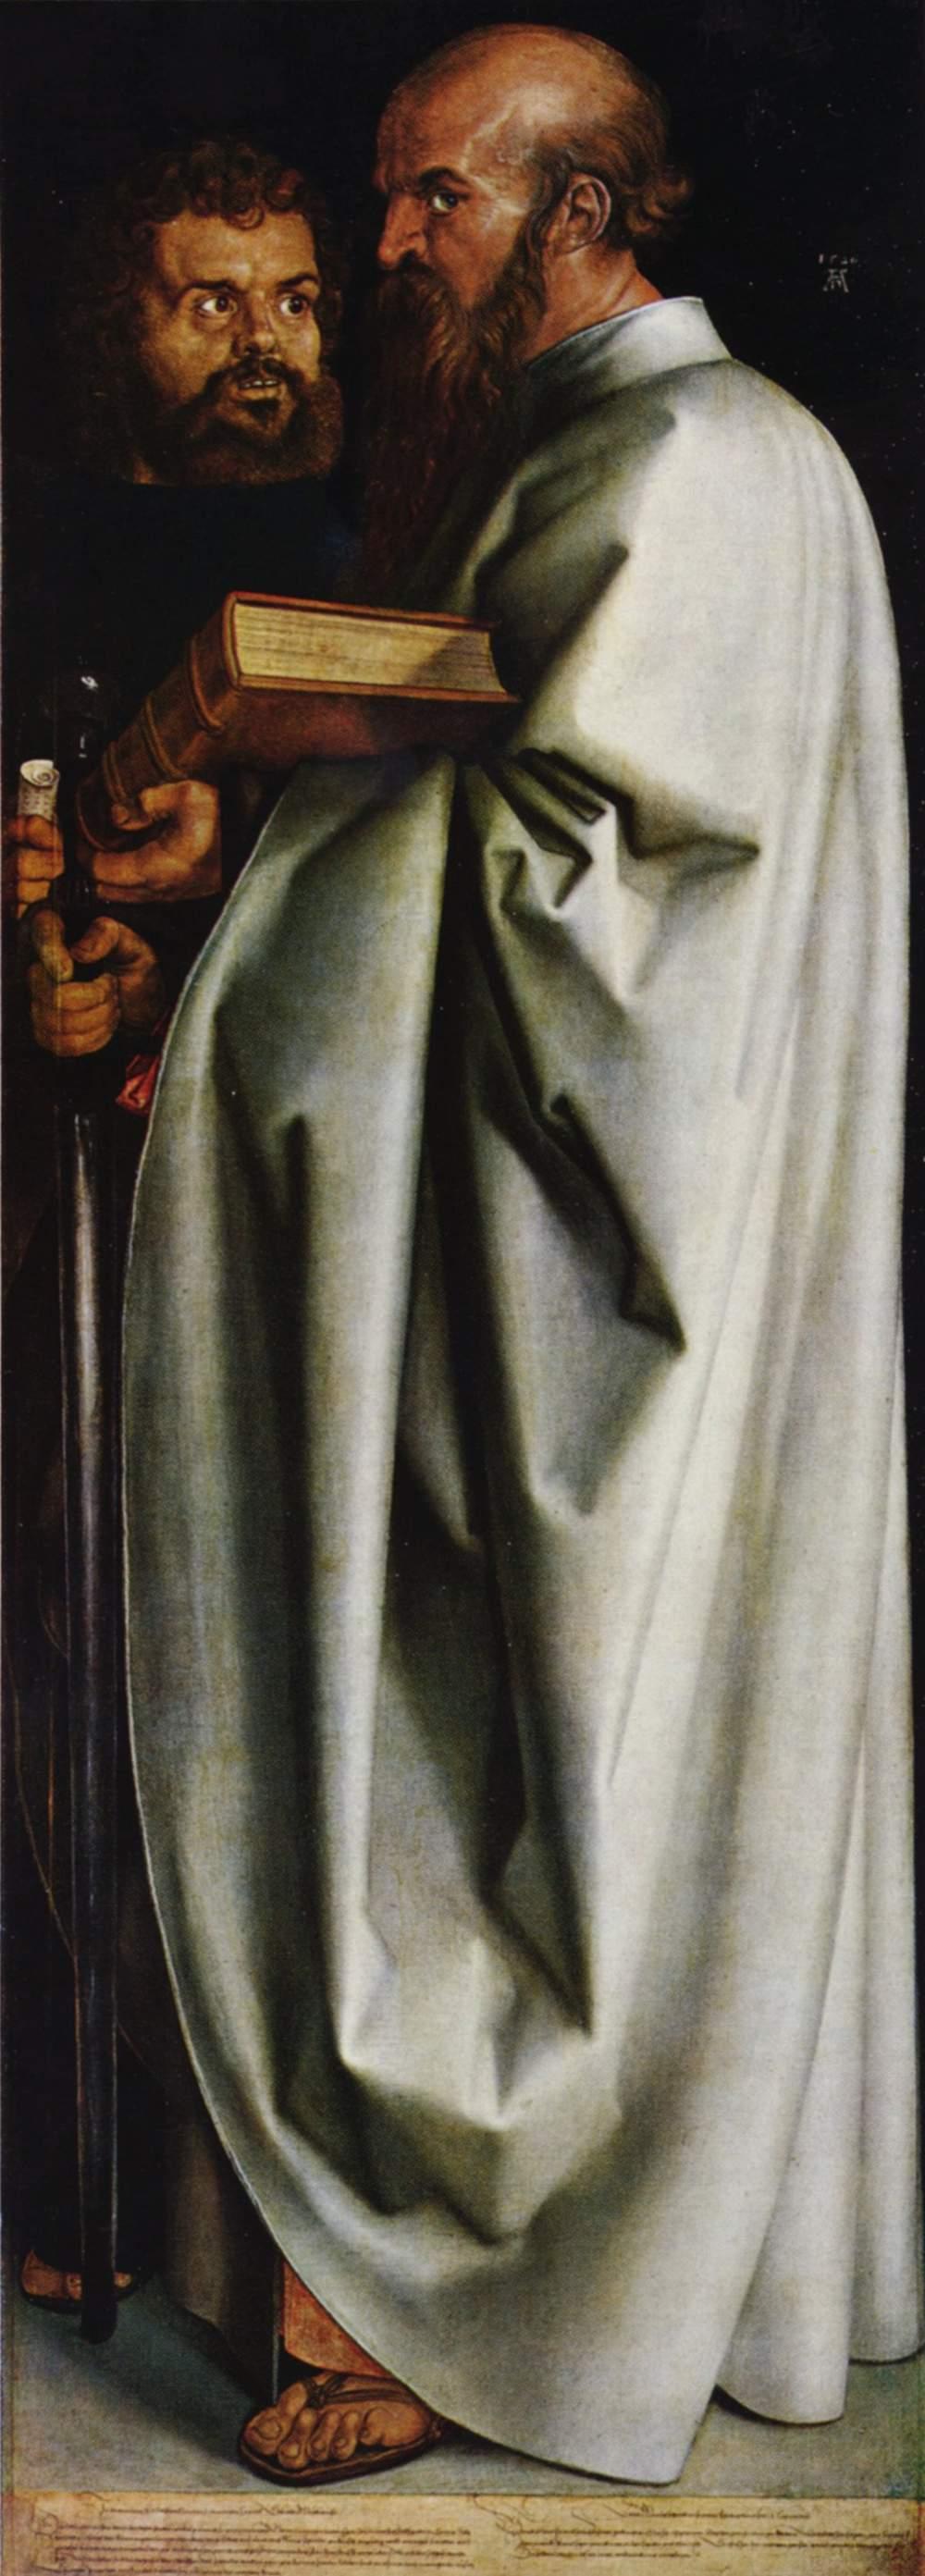 Четыре апостола, правая часть, Святые Марк и Павел, Альбрехт Дюрер